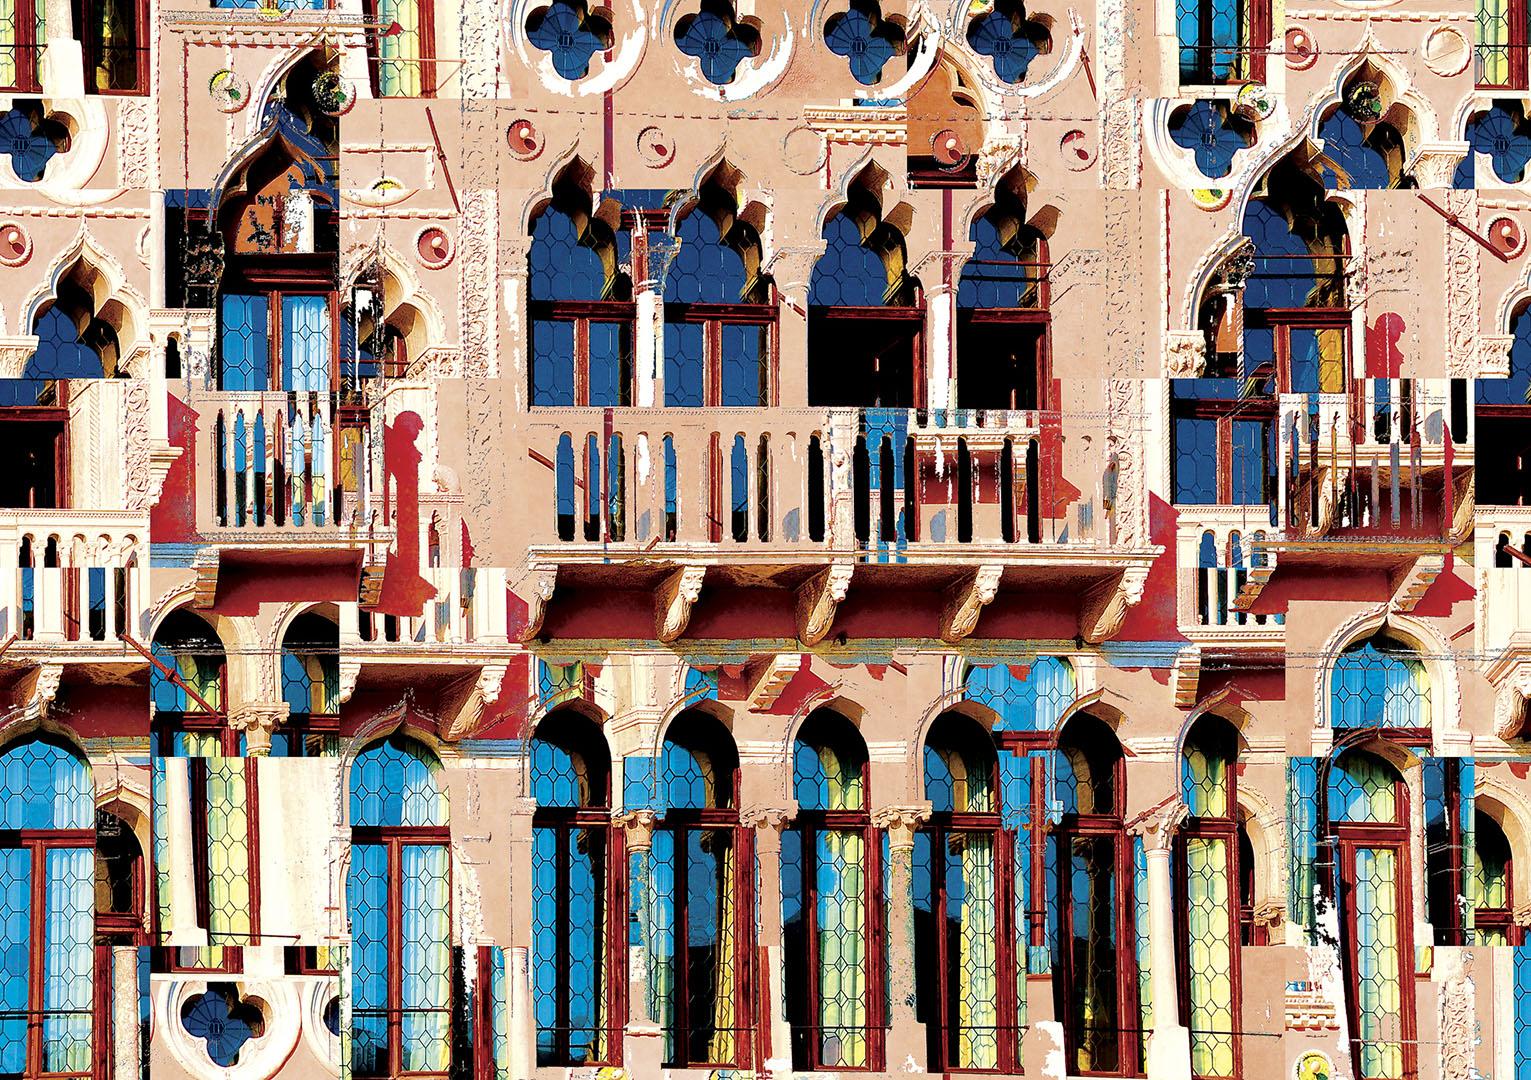 Venezia_116_I09.2-76